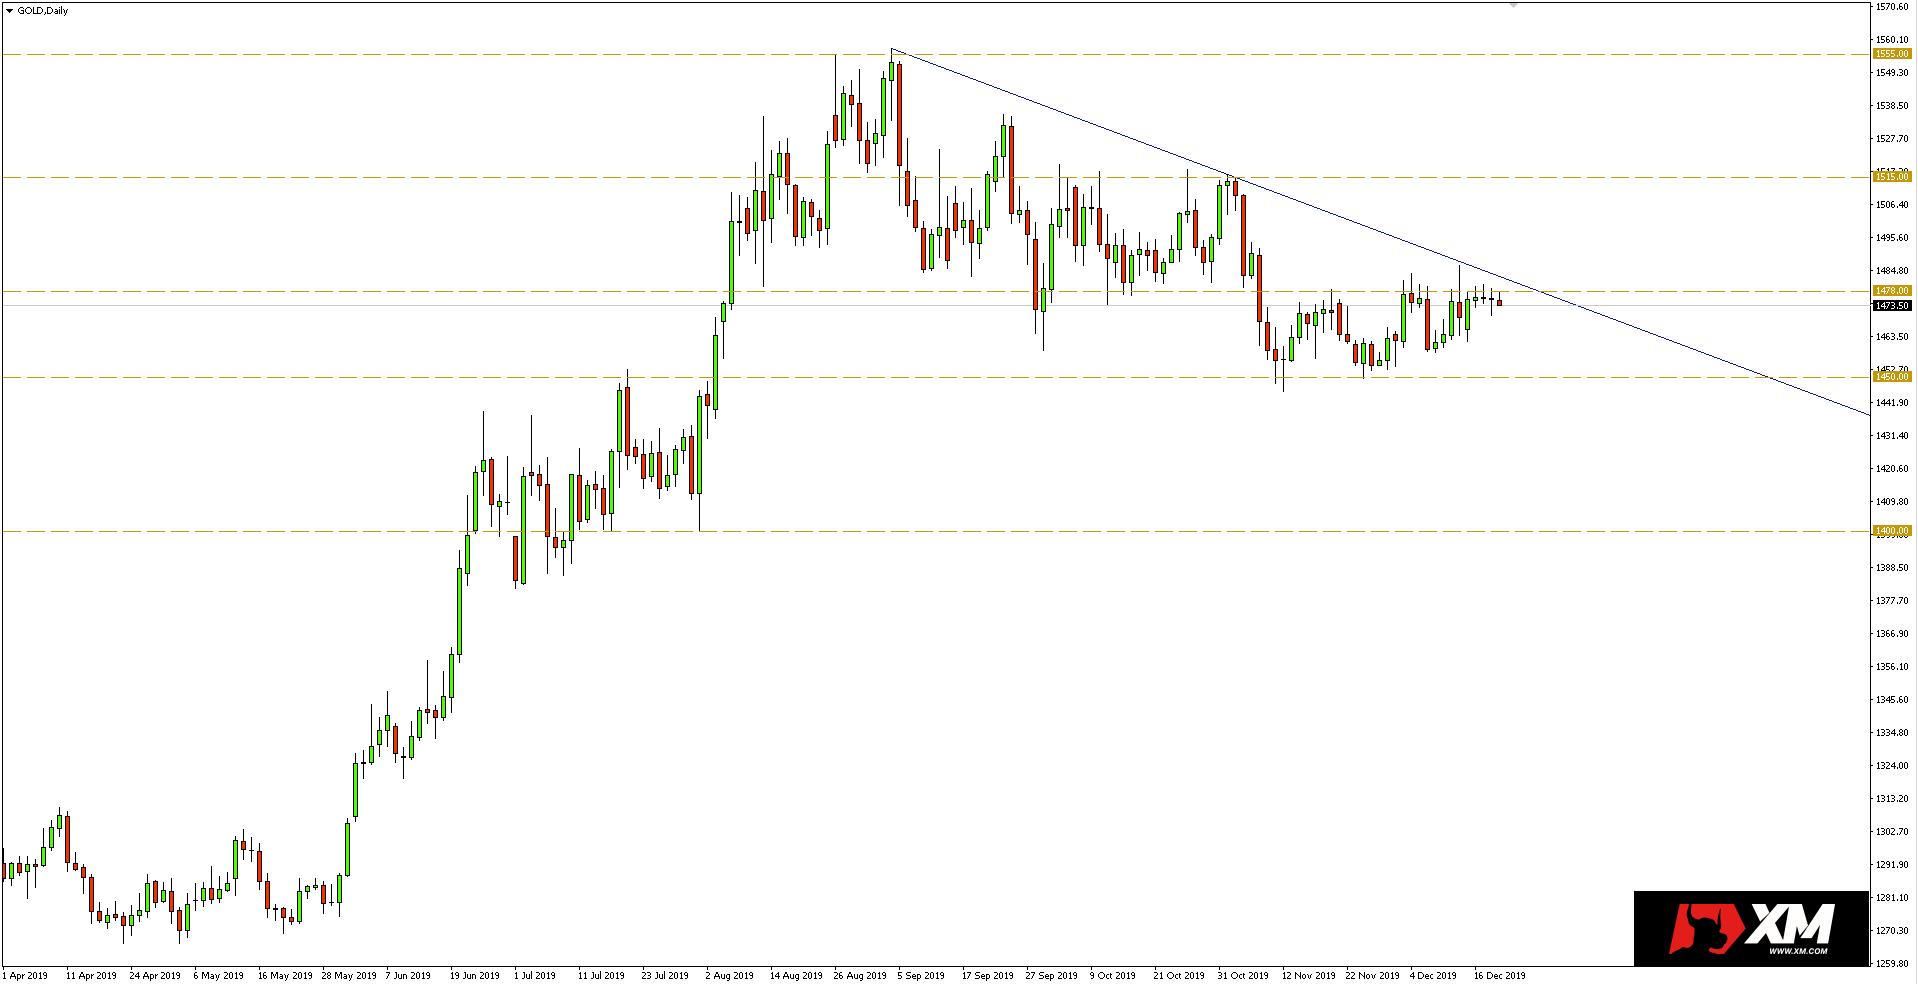 Wykres dzienny kursu złota (XAUUSD) - 19.12.2019 r.